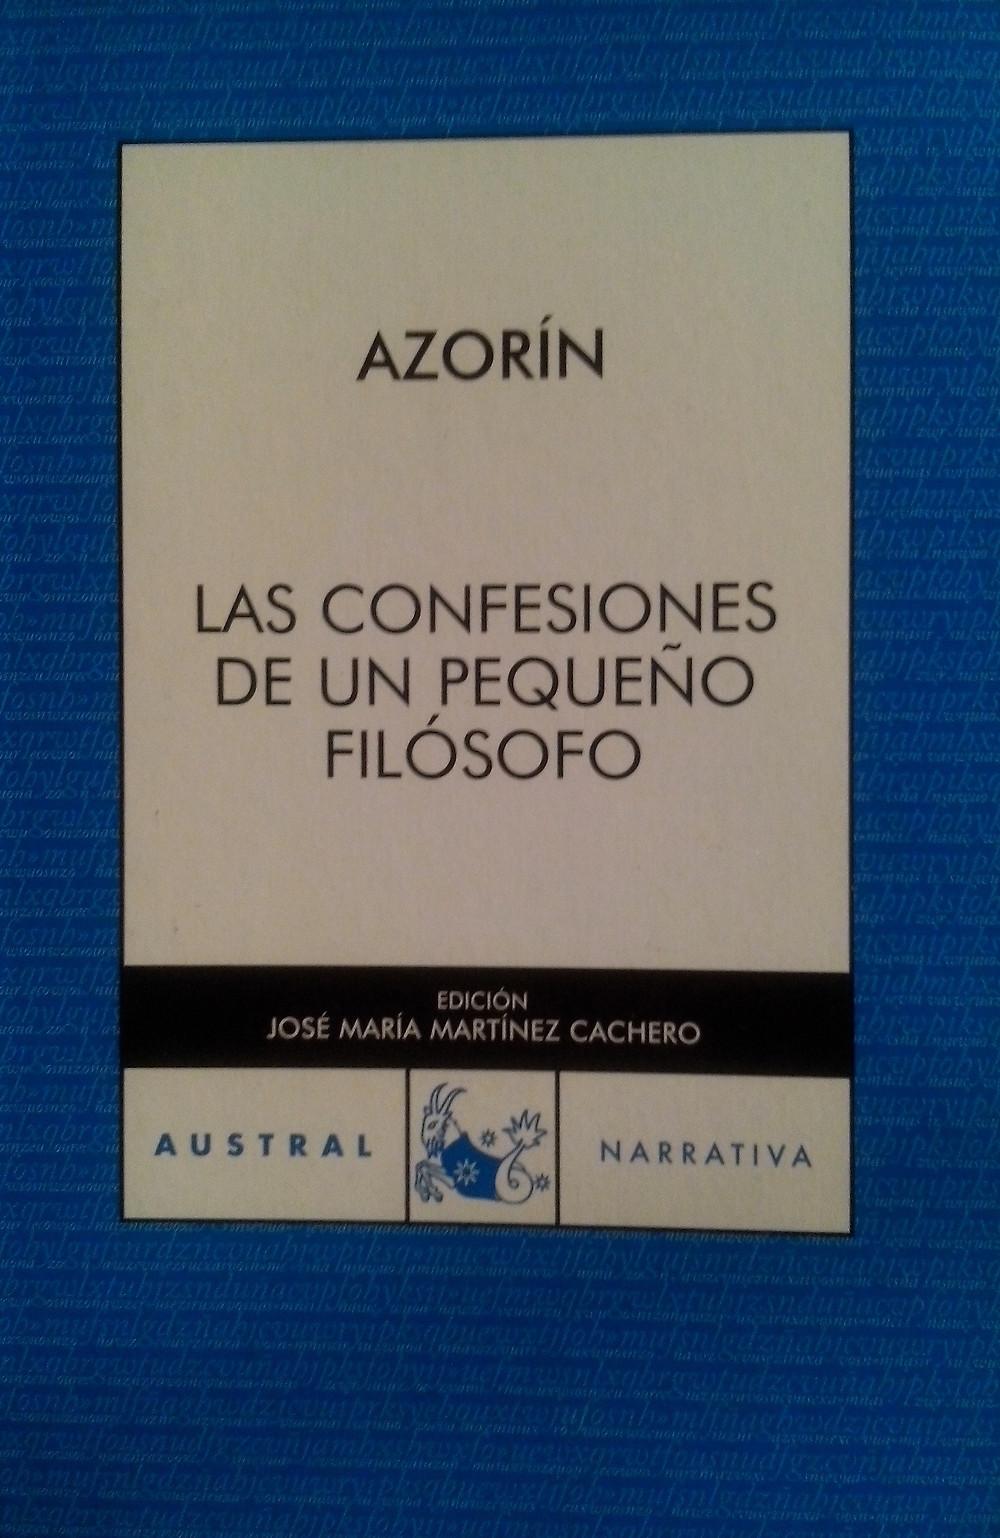 Las confesiones de un pequeño filósofo. Edición de José Mª Martínez Cachero. Austral Narrativa. CAM / Espasa-Calpe. Madrid. 2009.